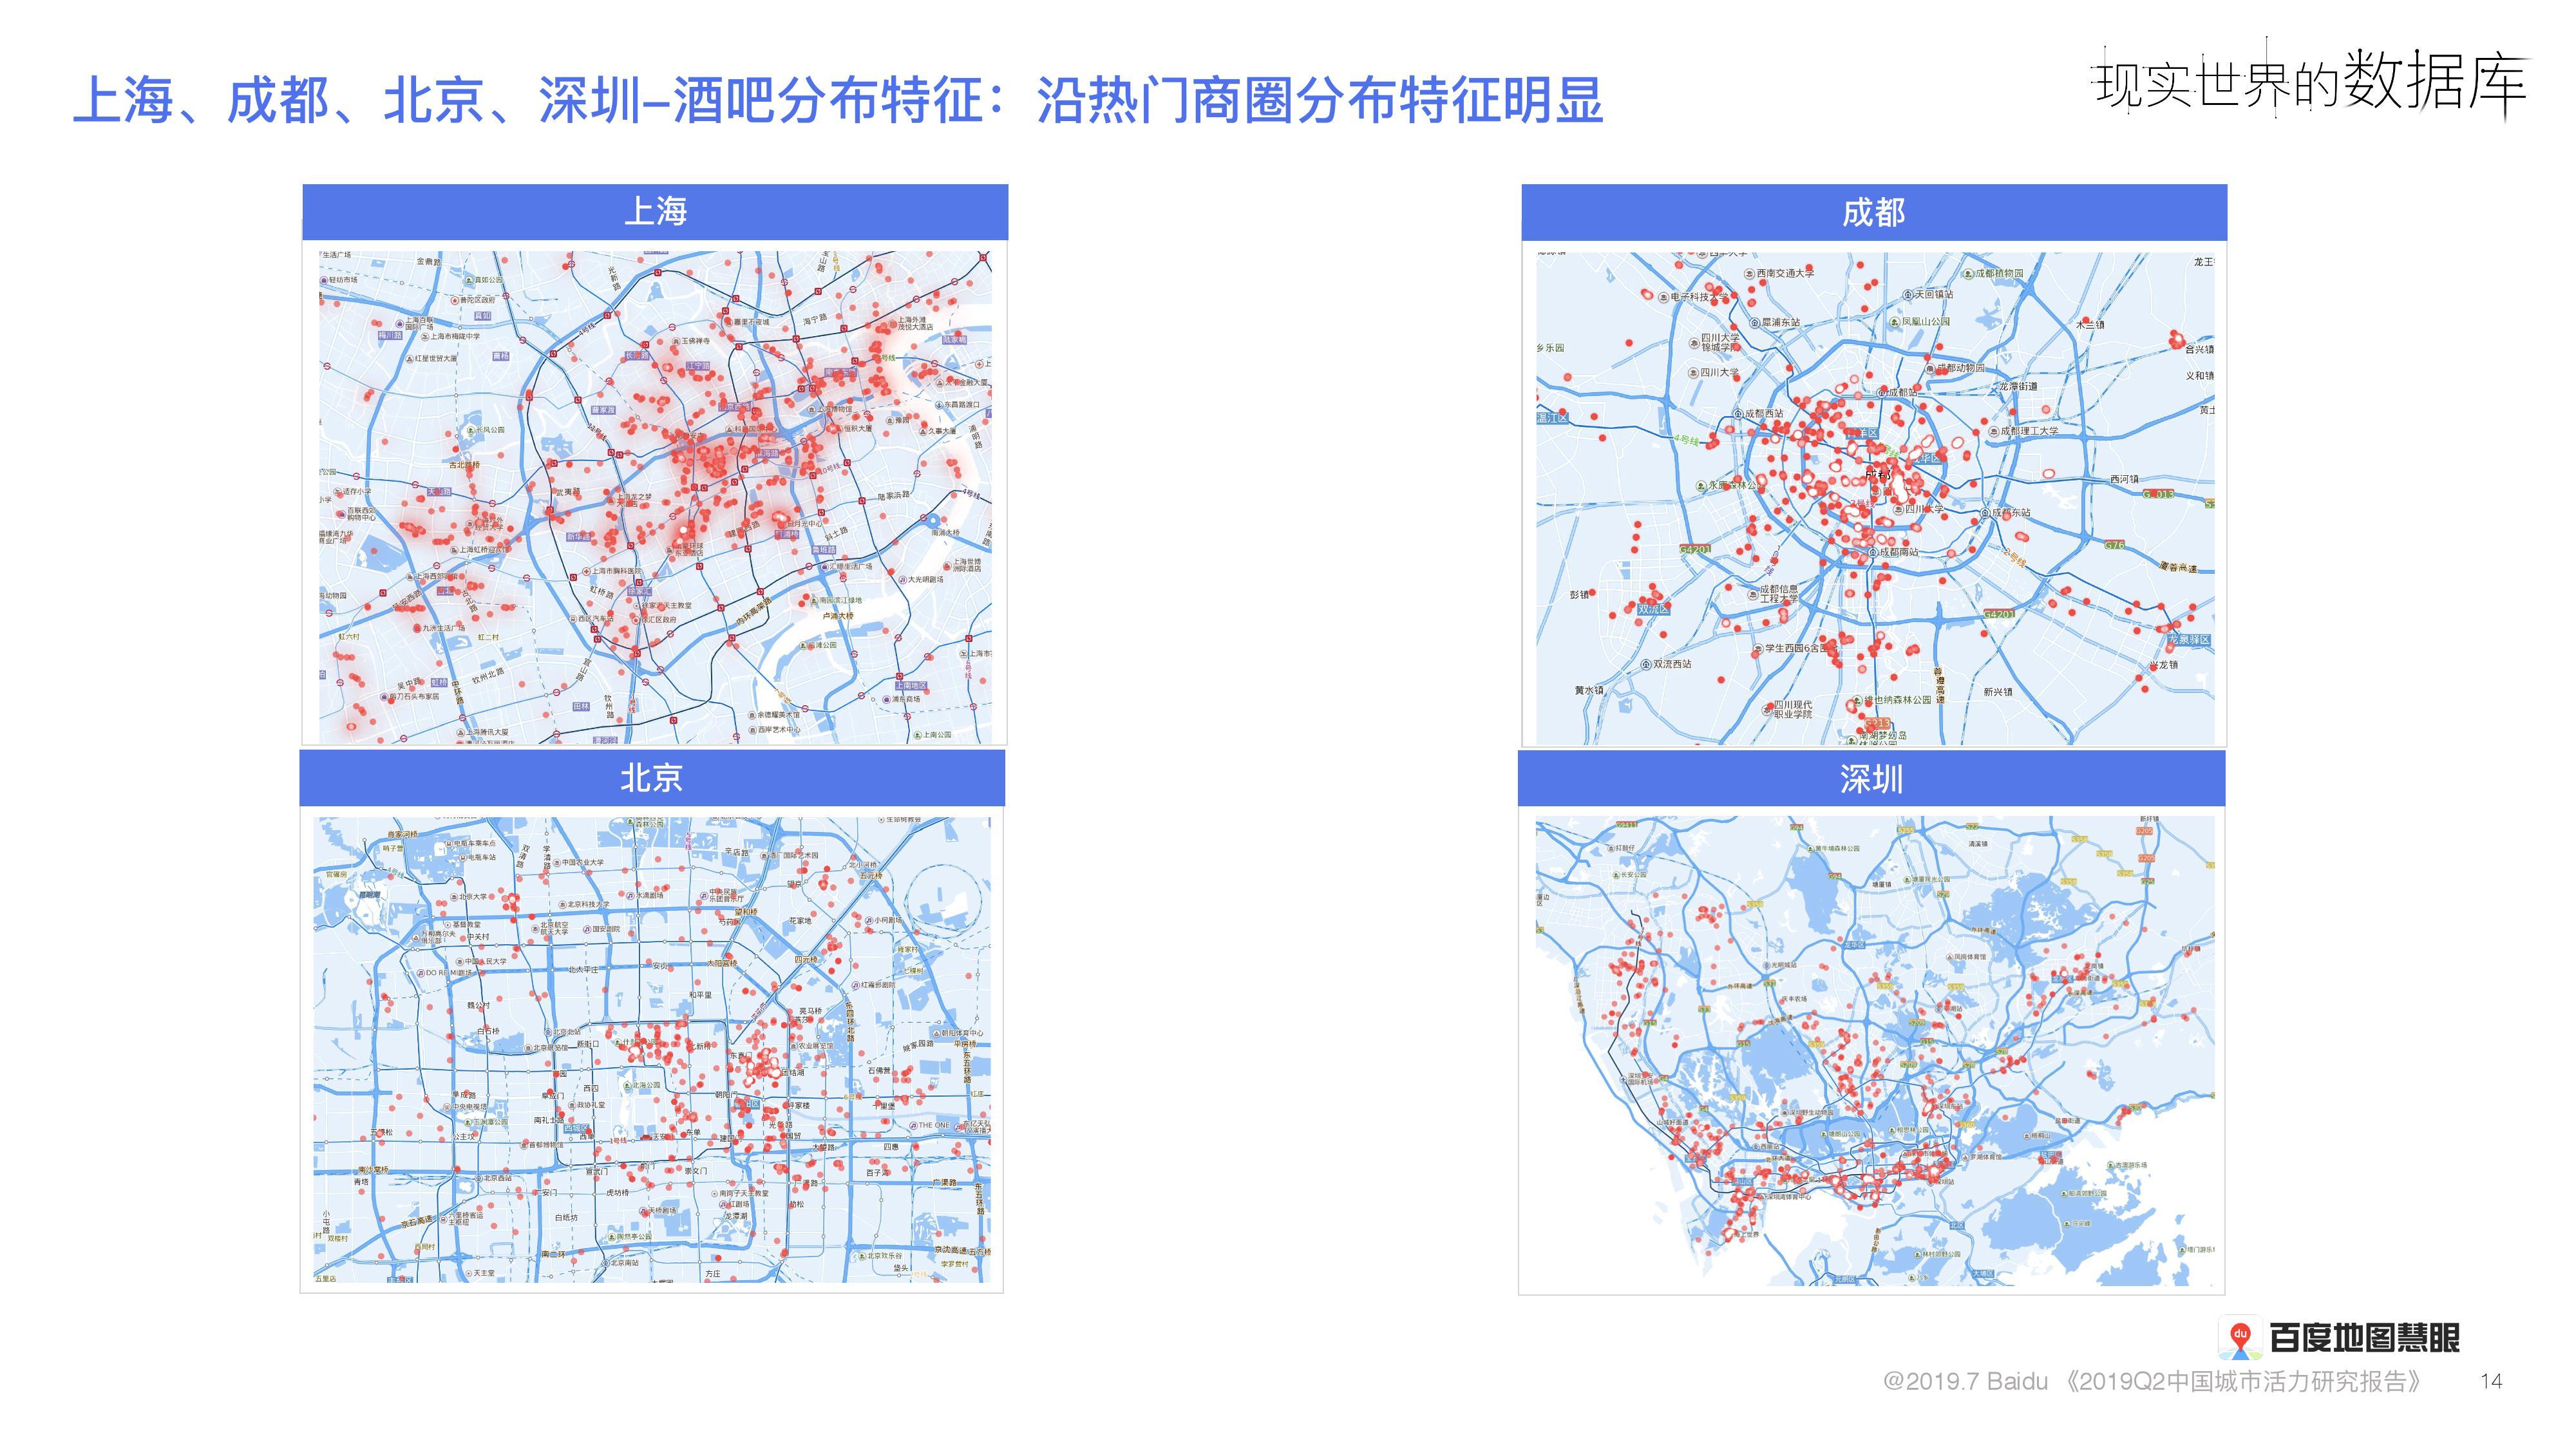 百度地图:2019年第二季度中国城市活?研究报告(199it)